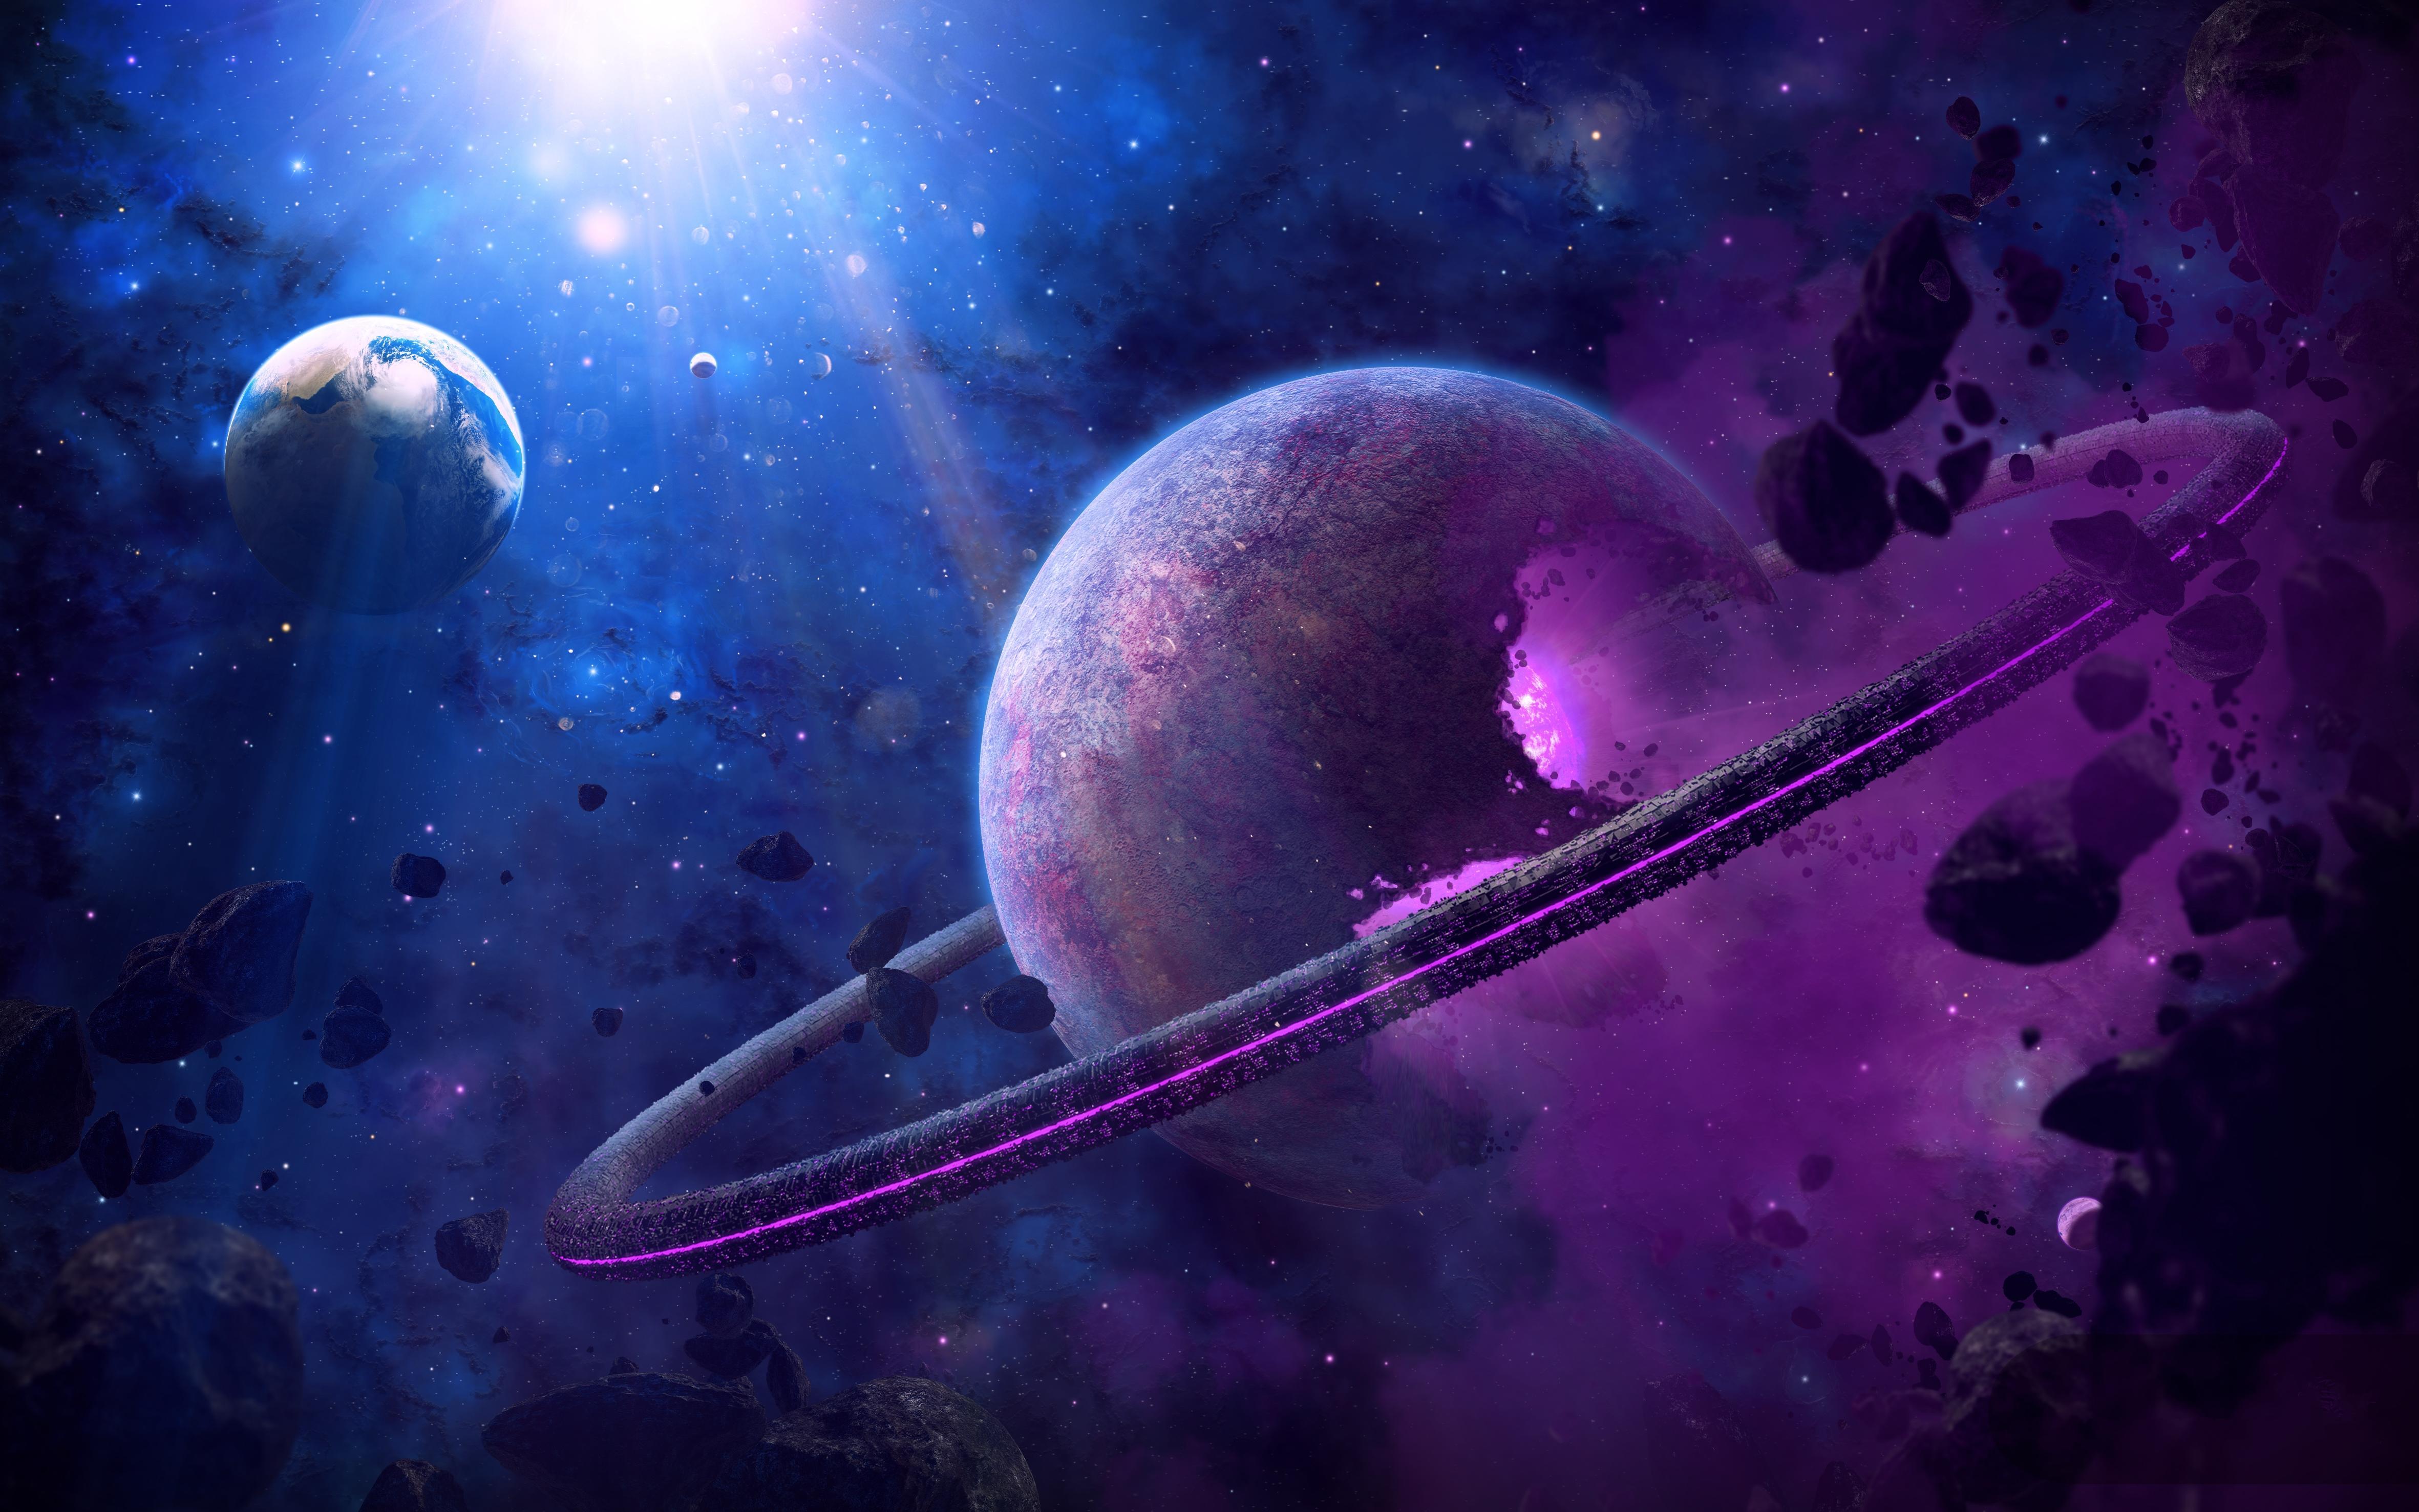 Необычный космос картинки